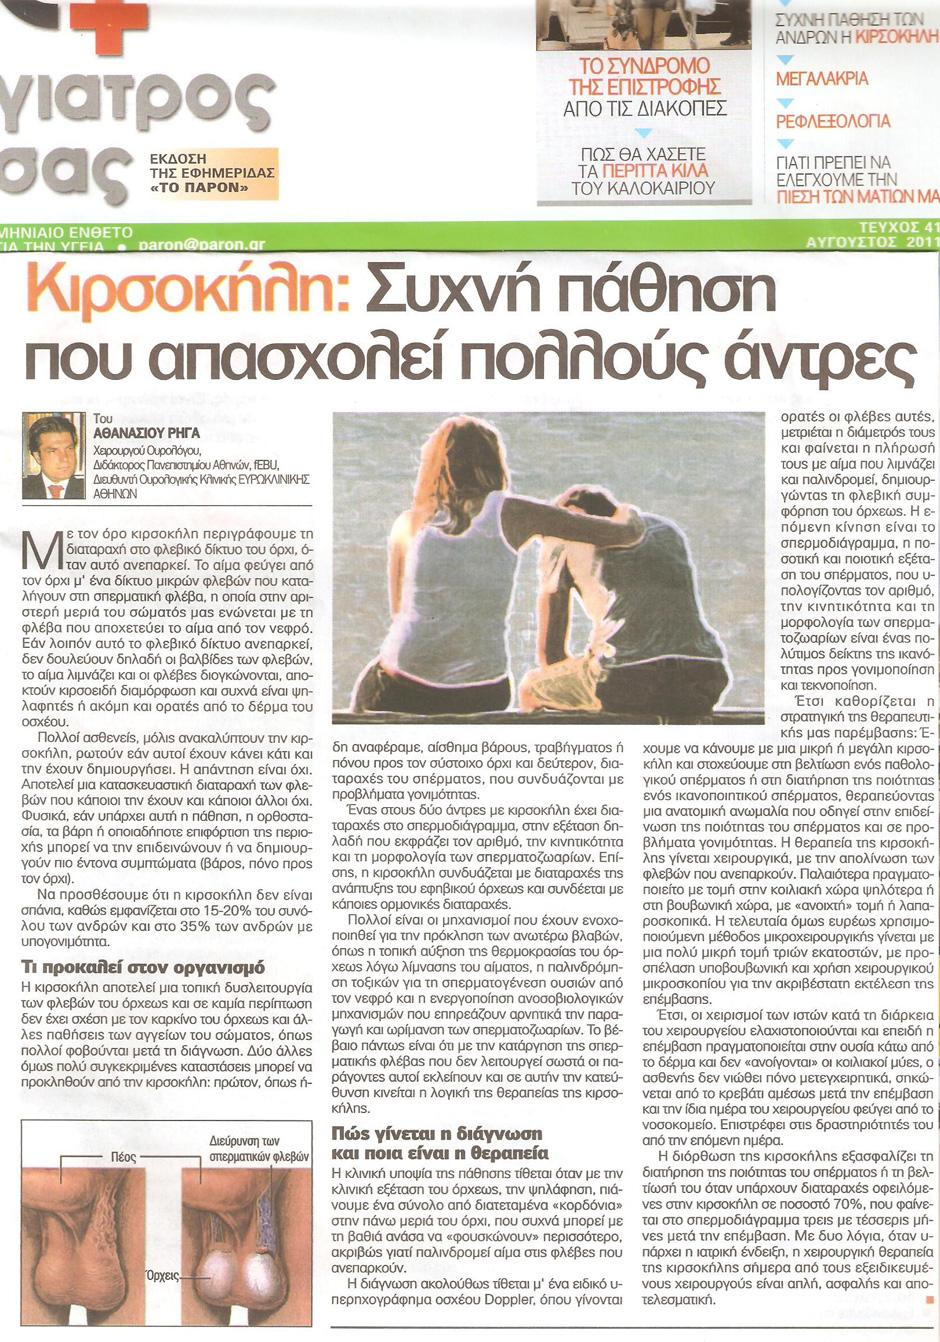 Κιρσοκήλη: Συχνή πάθηση που απασχολεί πολλούς άνδρες